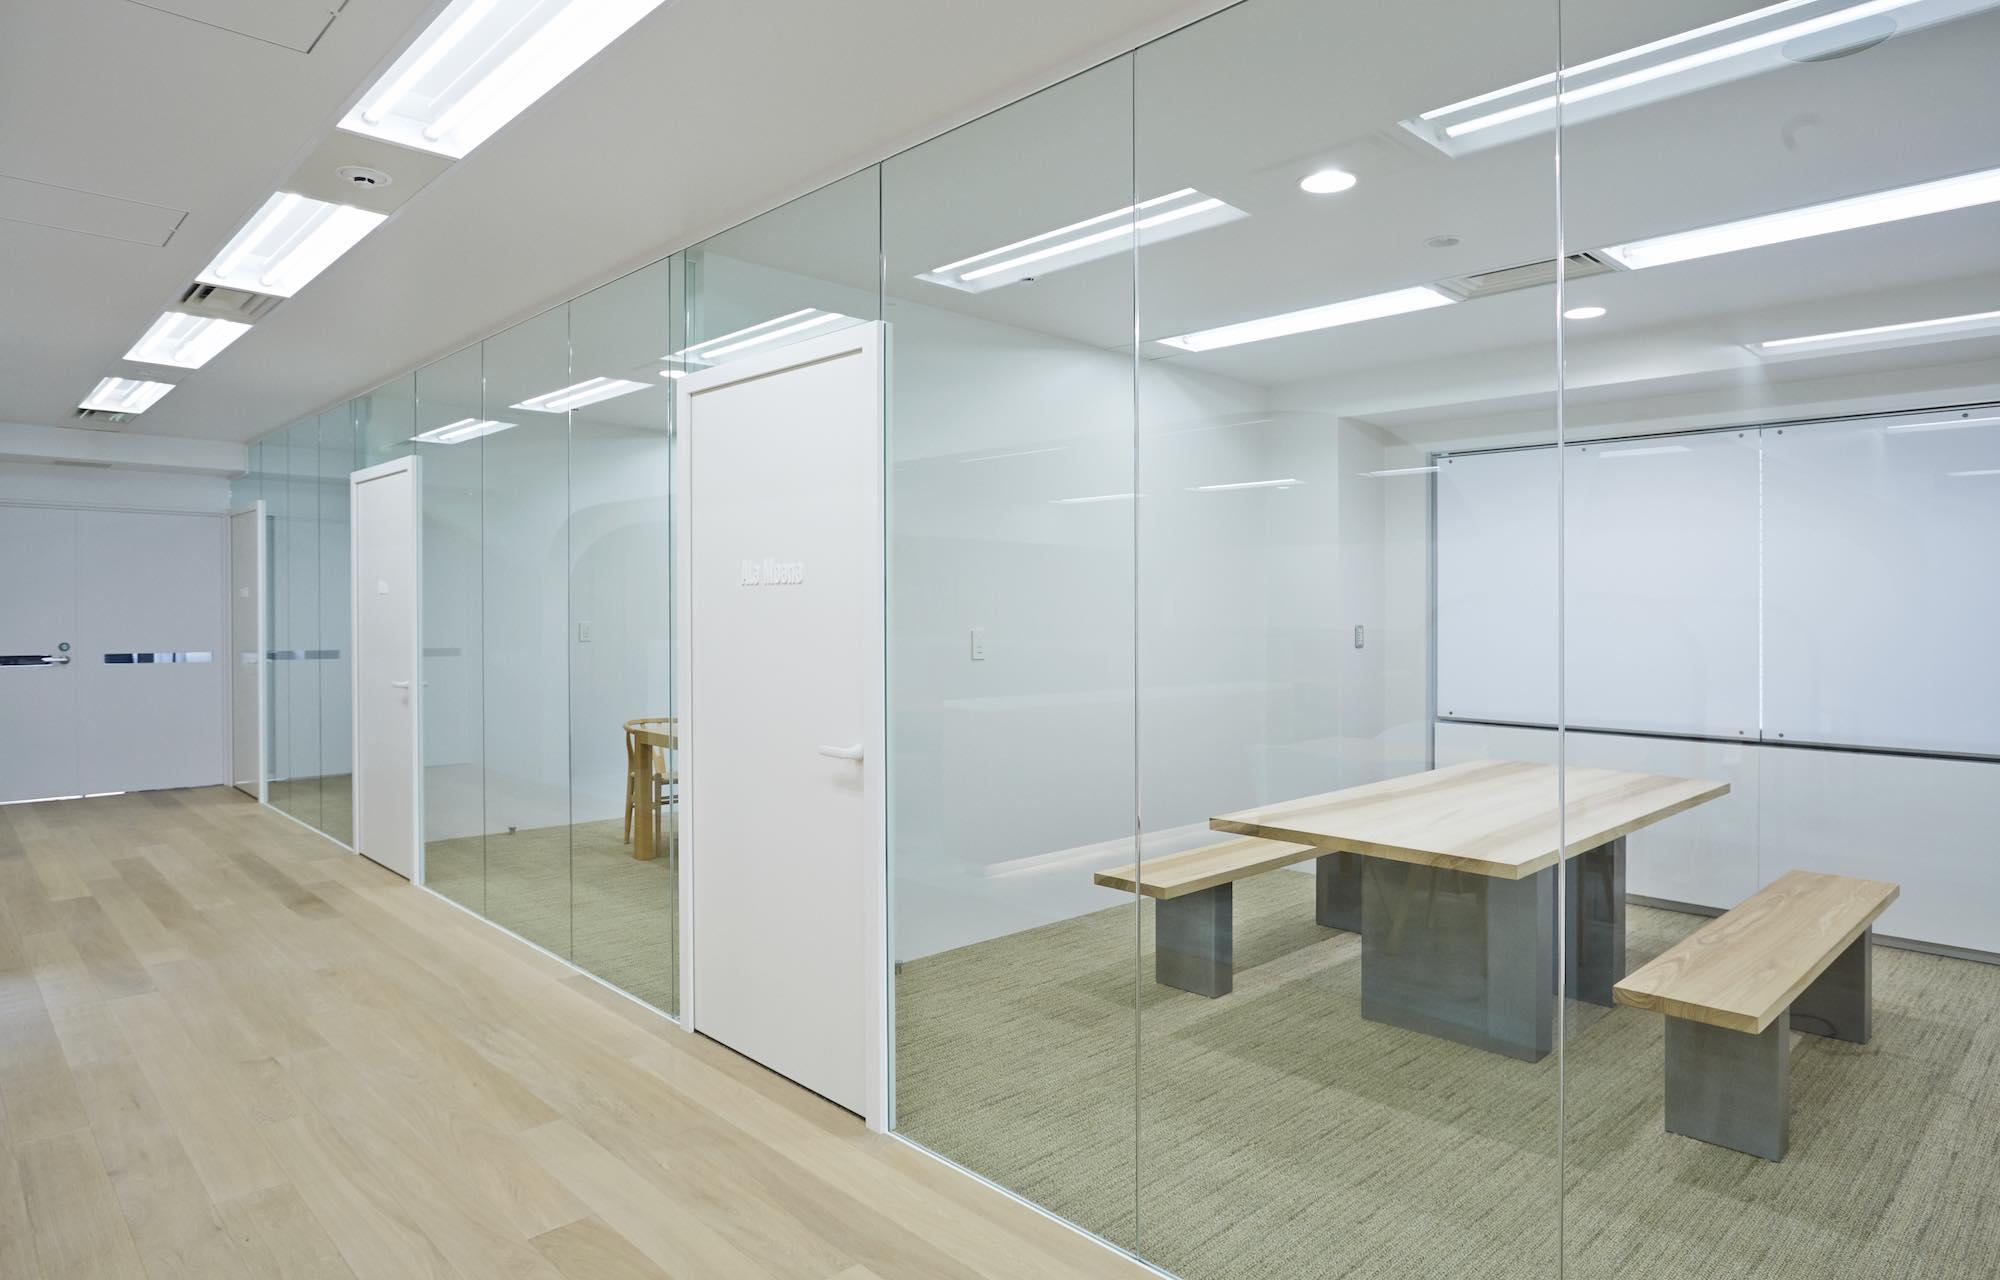 ダイアモンドヘッド株式会社 Tokyo Office Meeting Room_2 デザイン・レイアウト事例